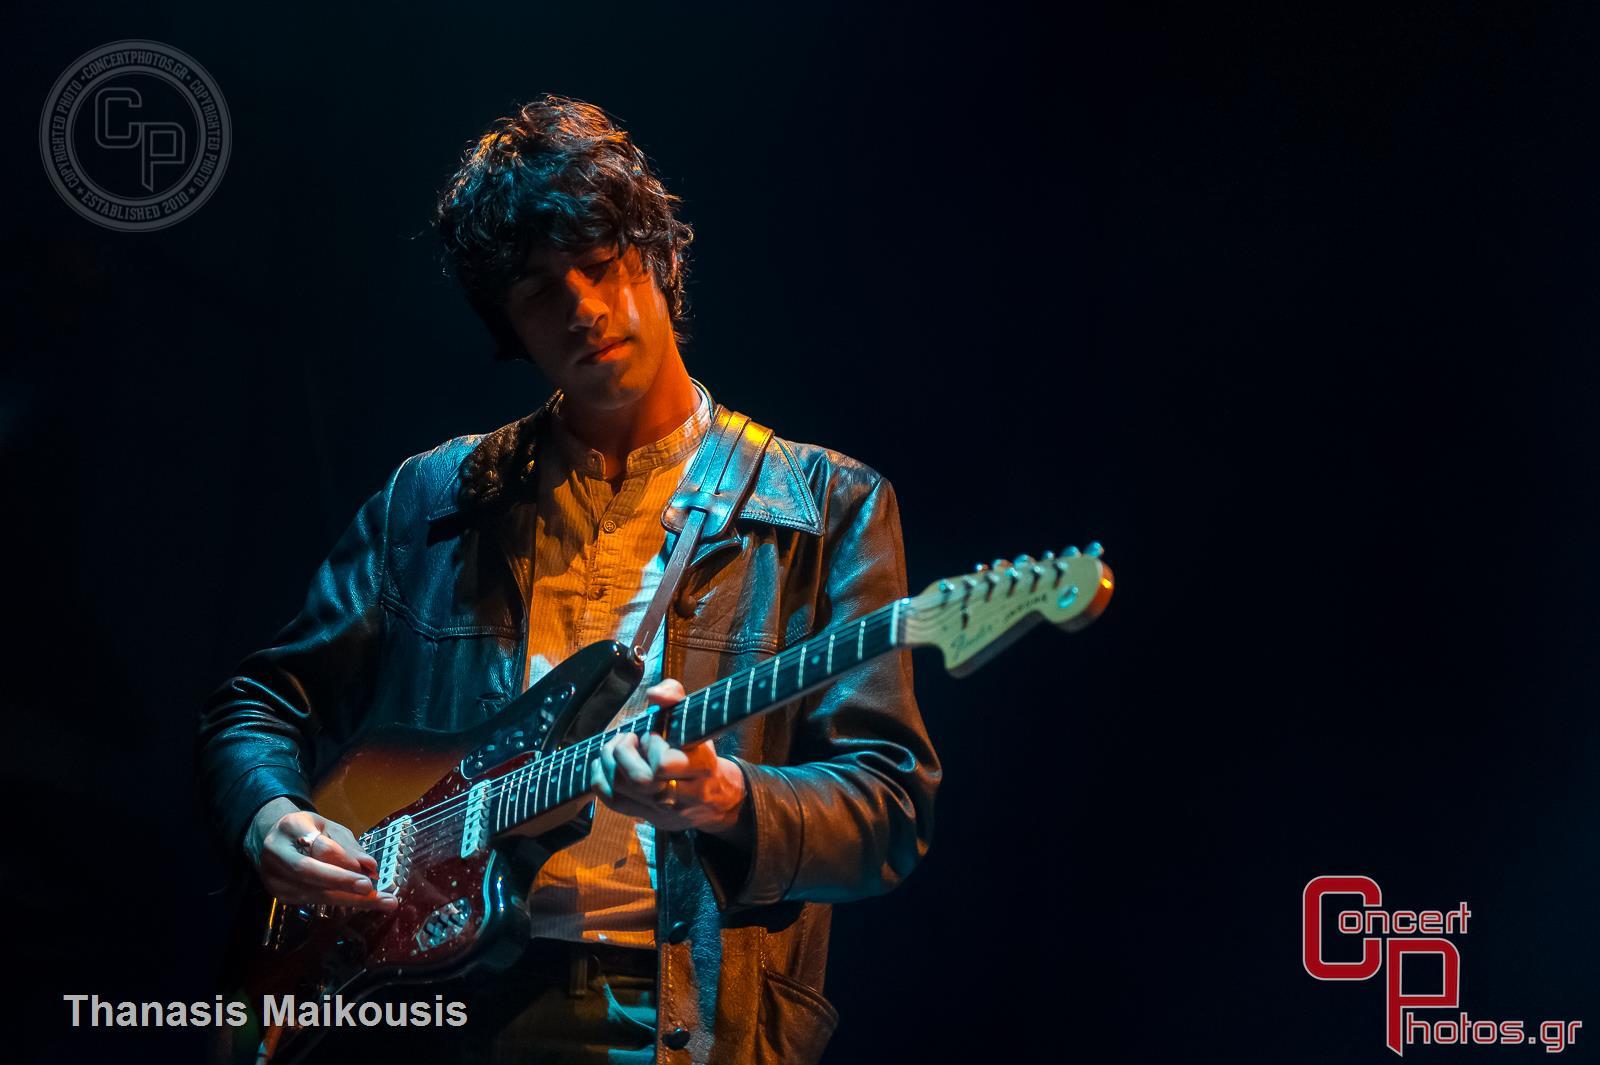 Allah Las & My Drunken Haze -Allah Las My Drunken Haze  photographer: Thanasis Maikousis - ConcertPhotos - 20141102_0026_58